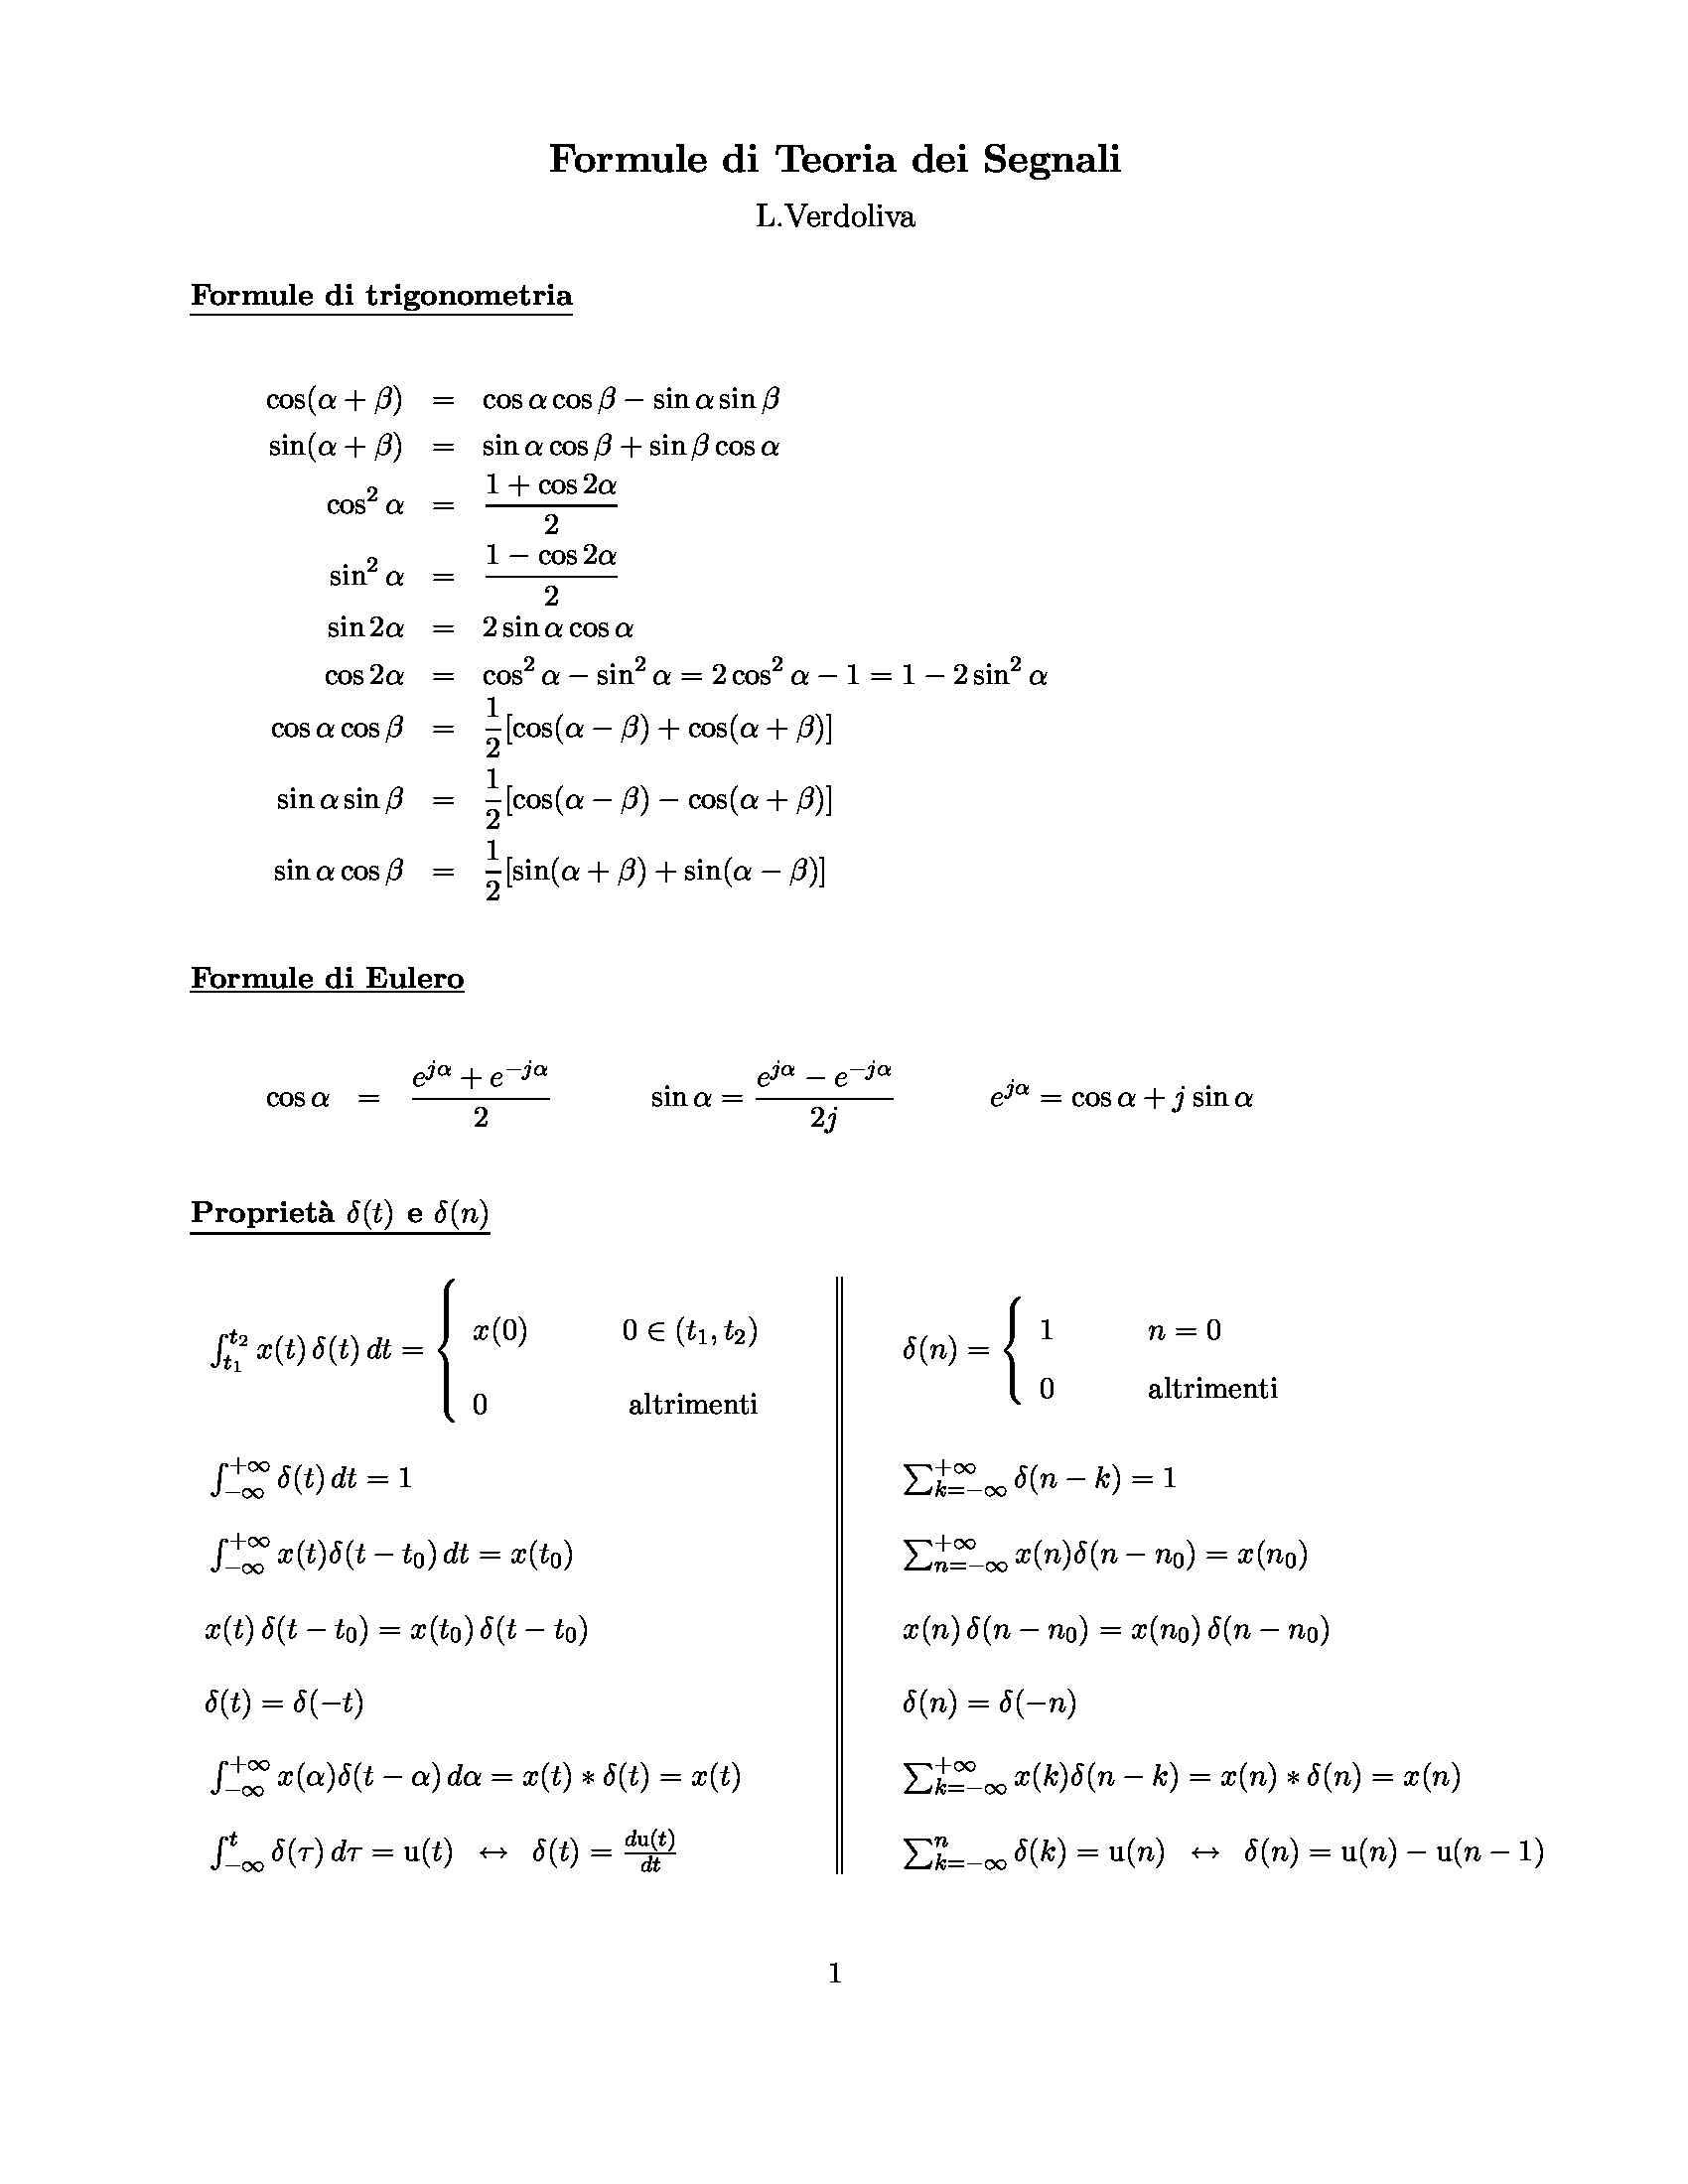 Ingegneria biomedica - Formulario